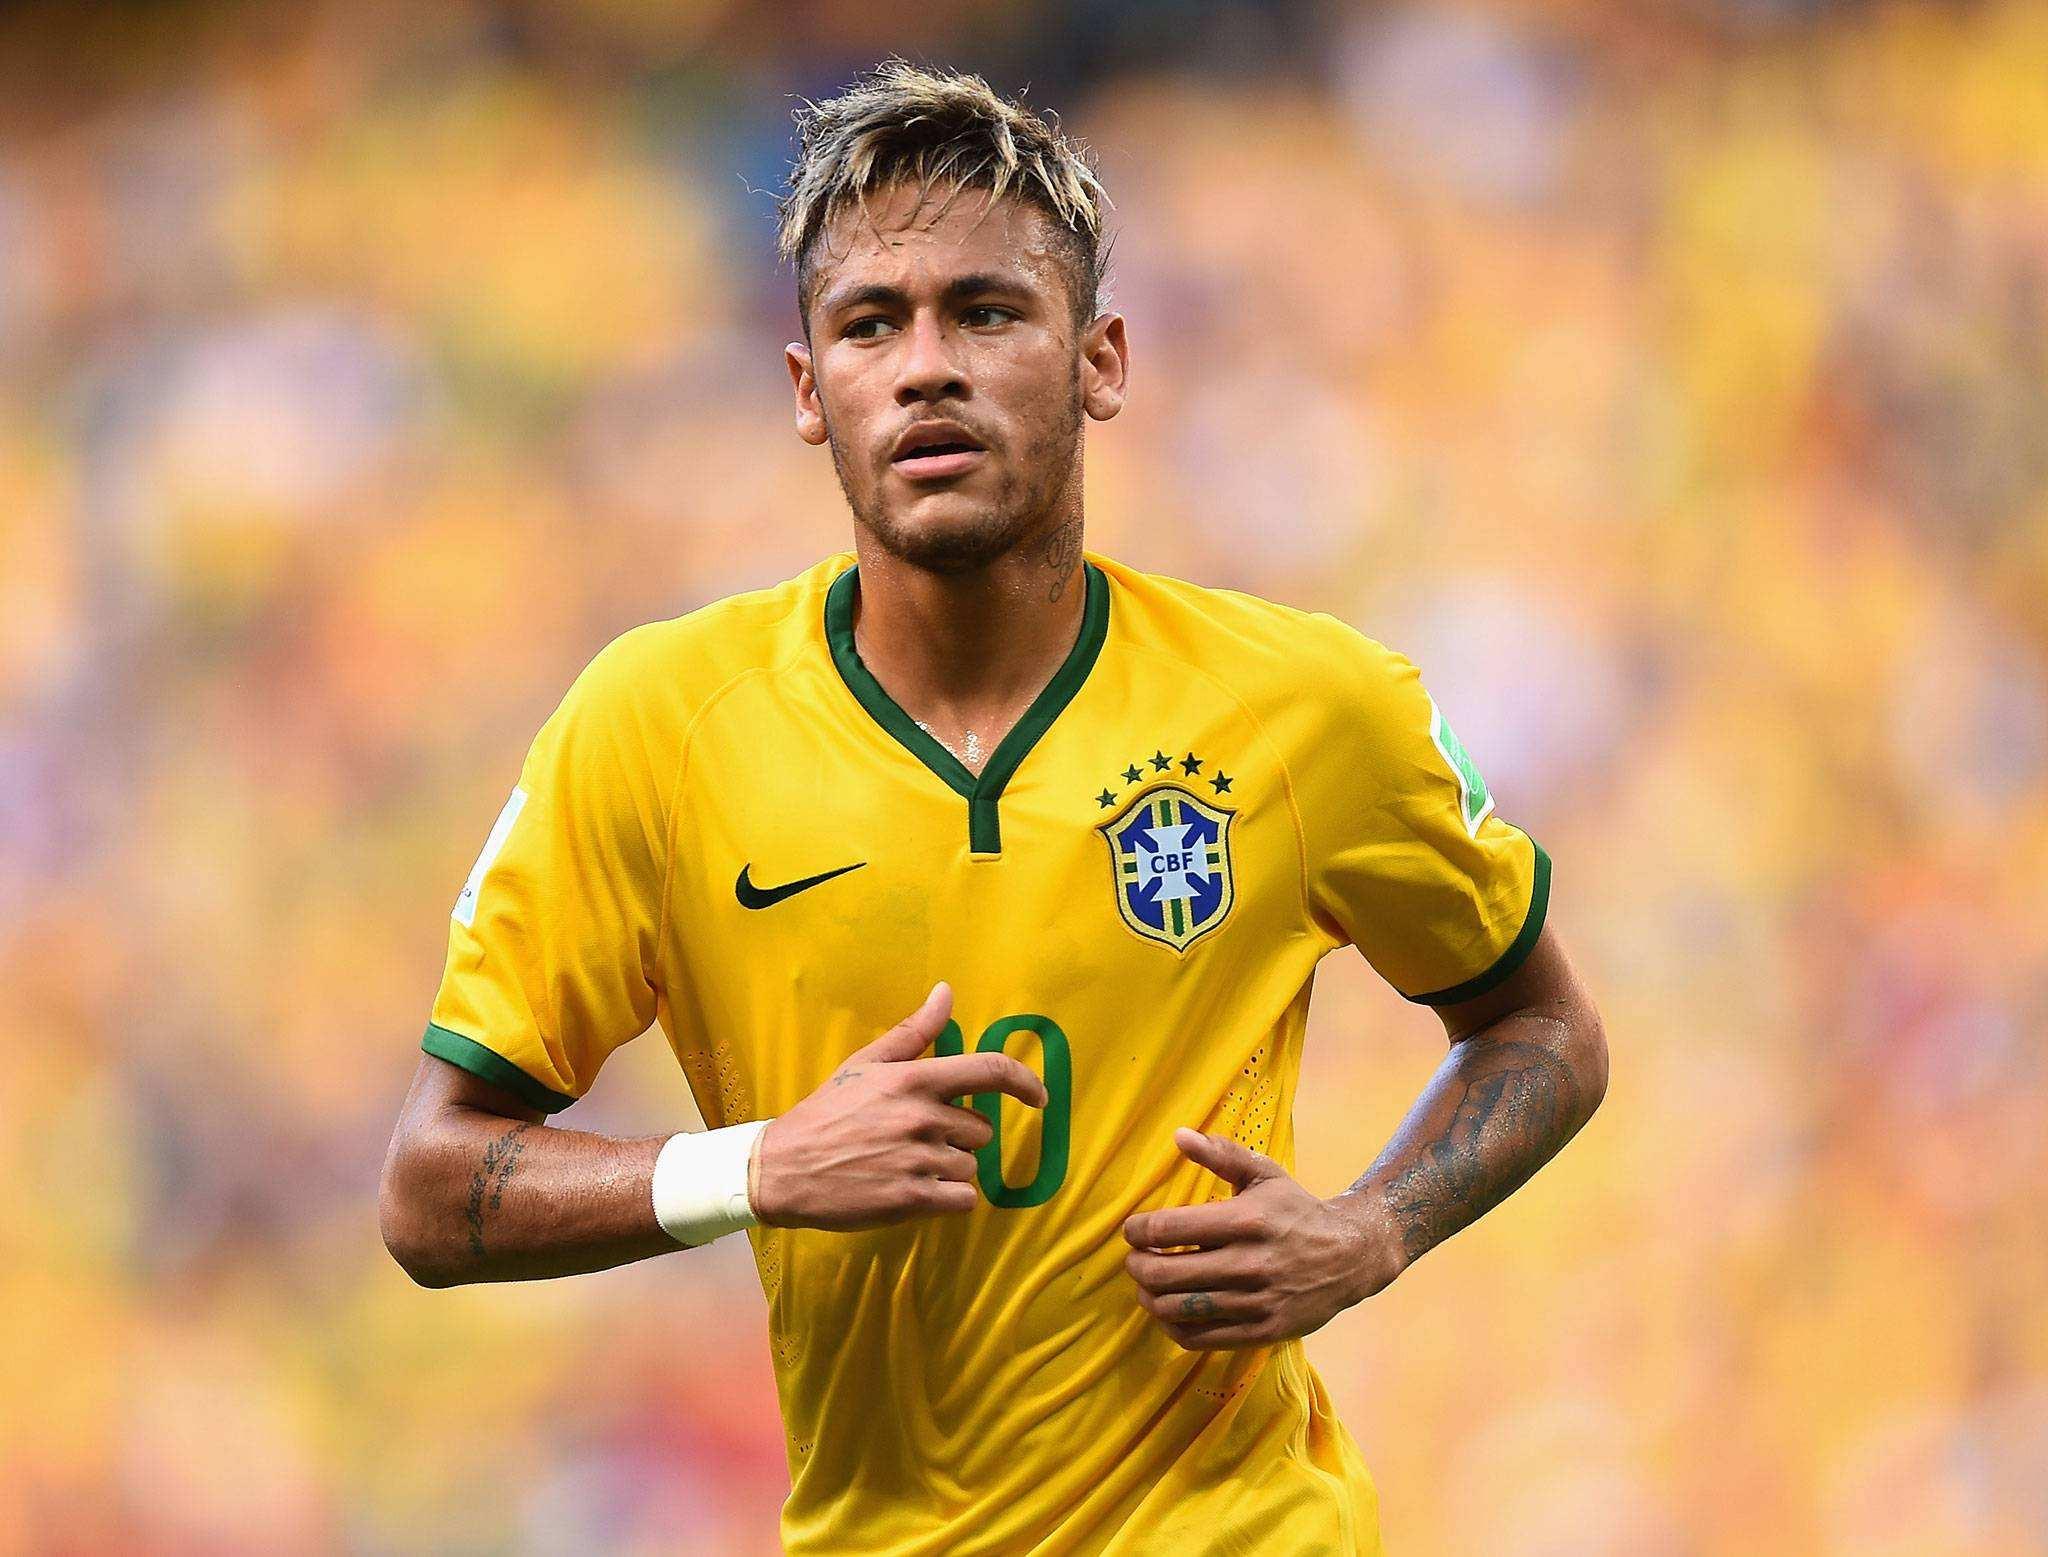 将让内马尔超越梅西和C罗,成为世界足坛赞助费最高的球员。